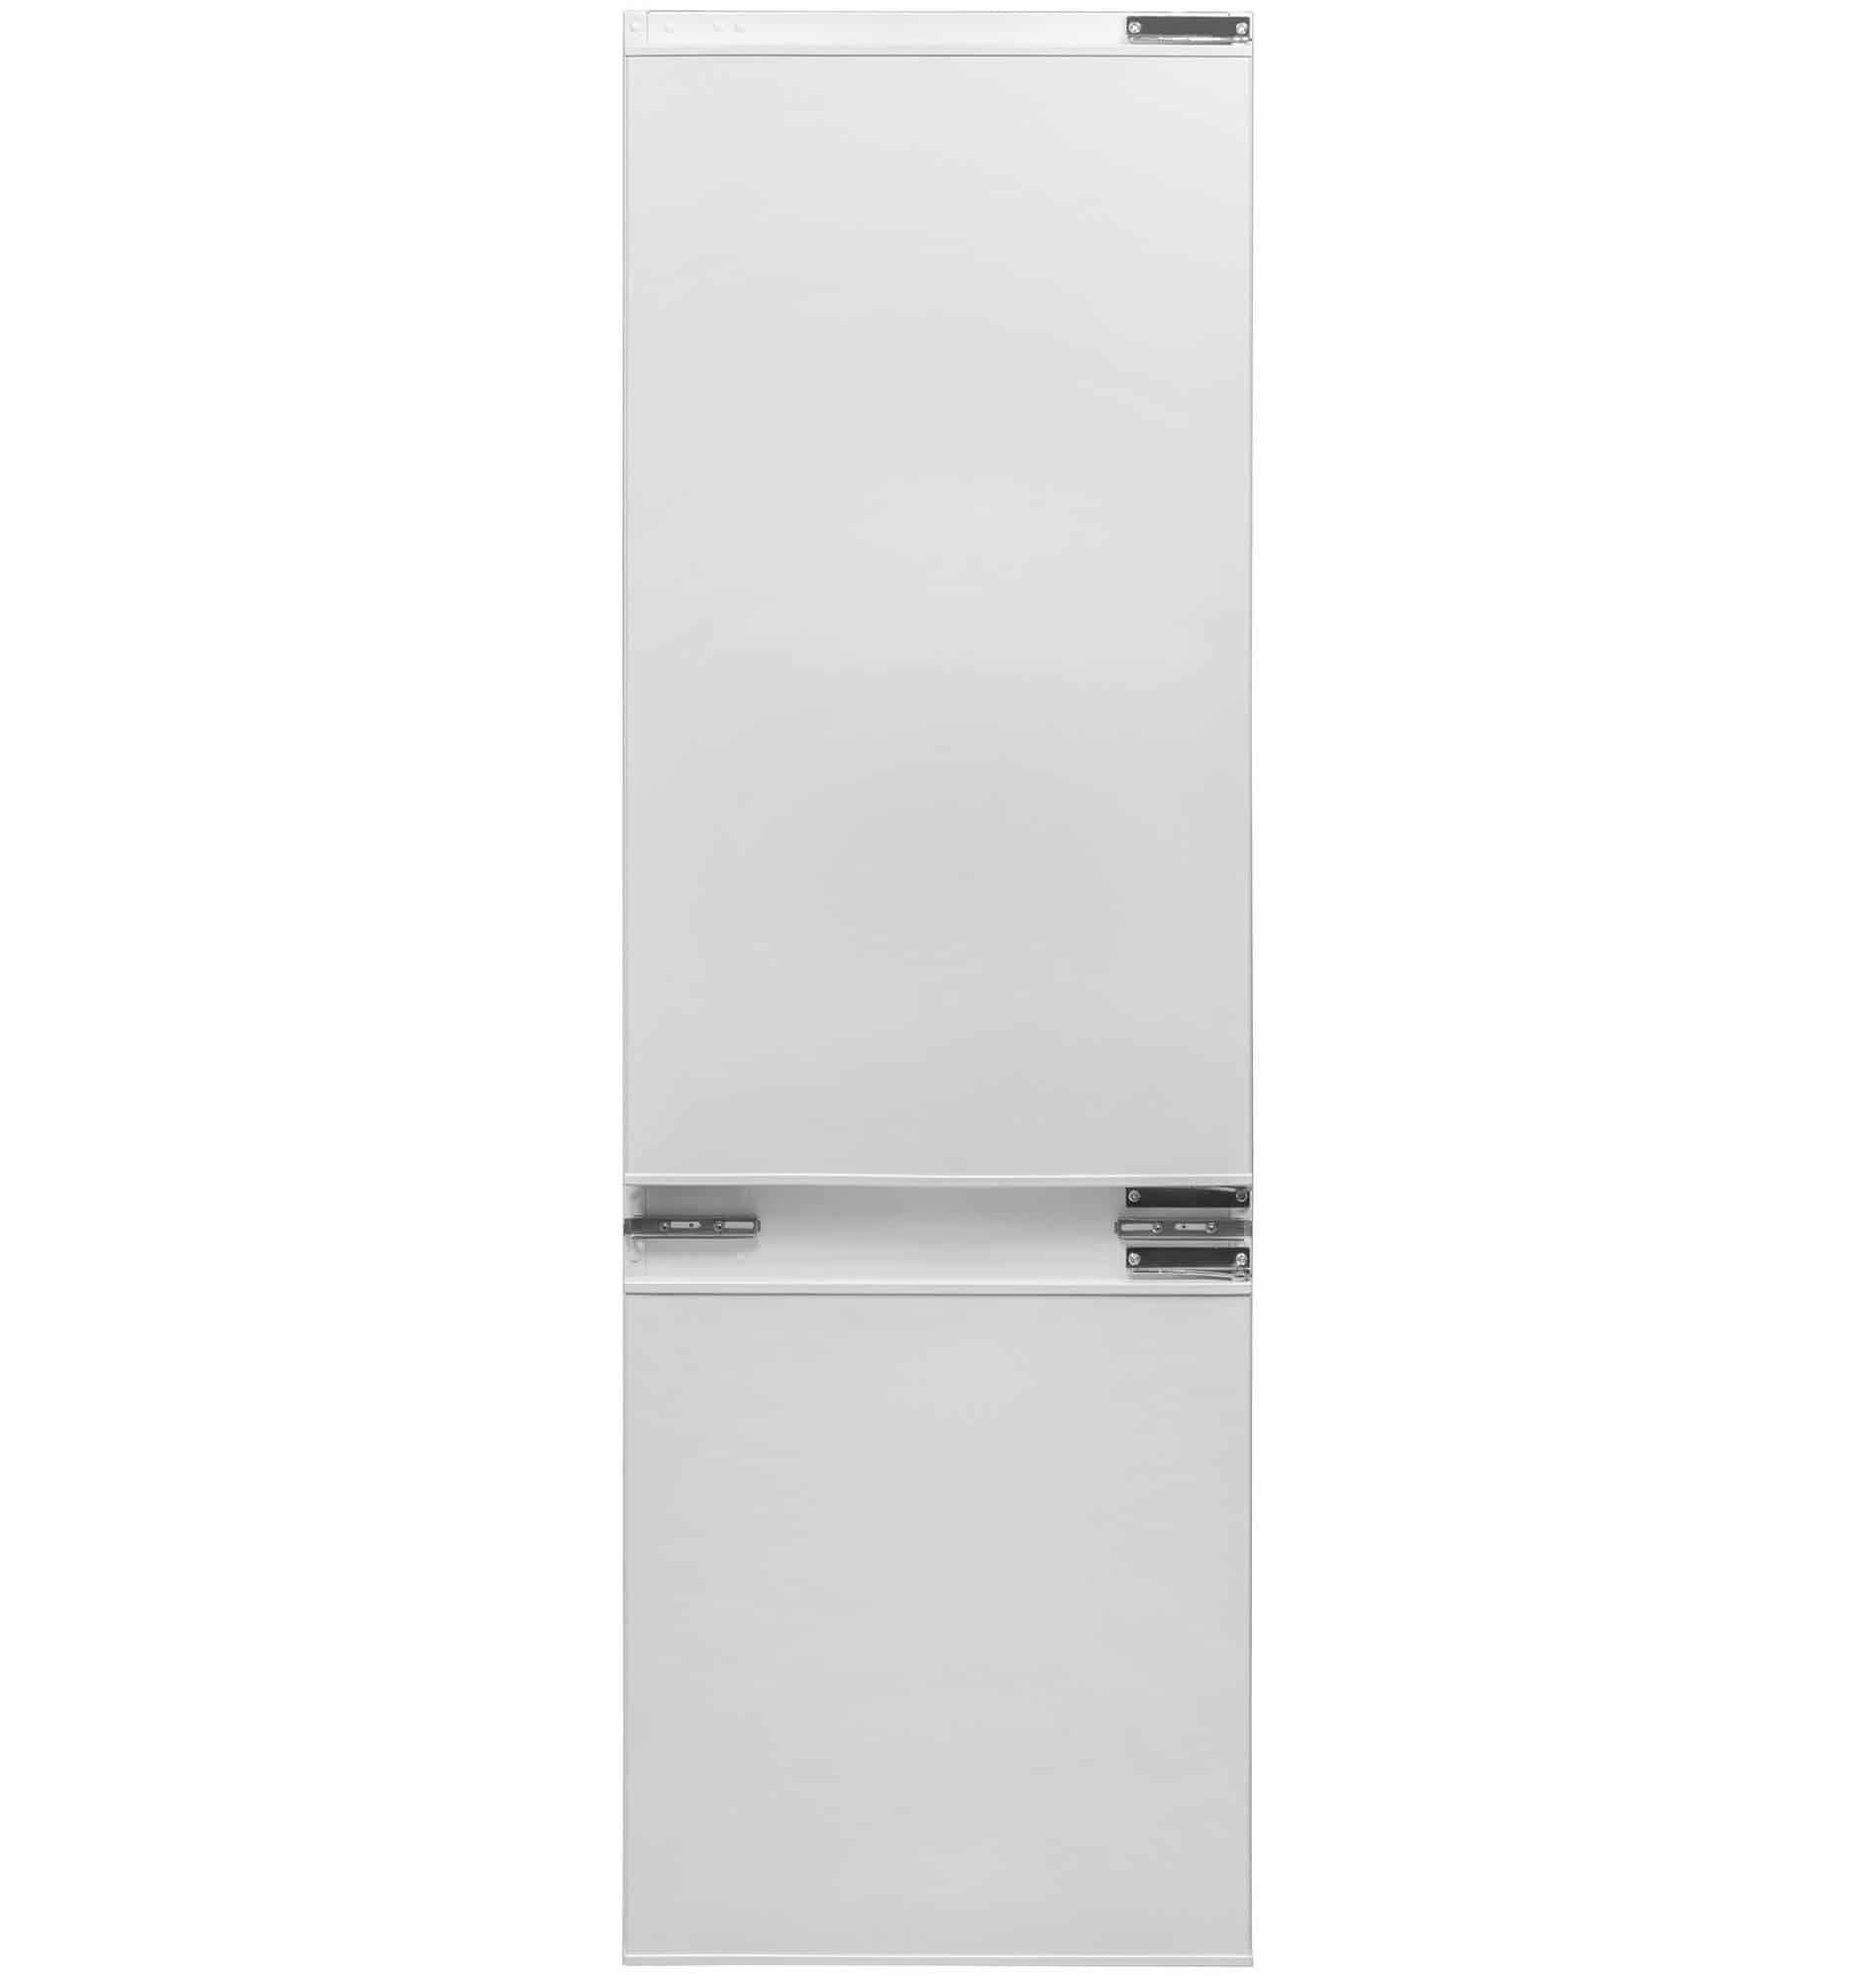 Beko CBI7702 - combina frigorifica incorporabila cu sistem antibacterian si clasa A+!